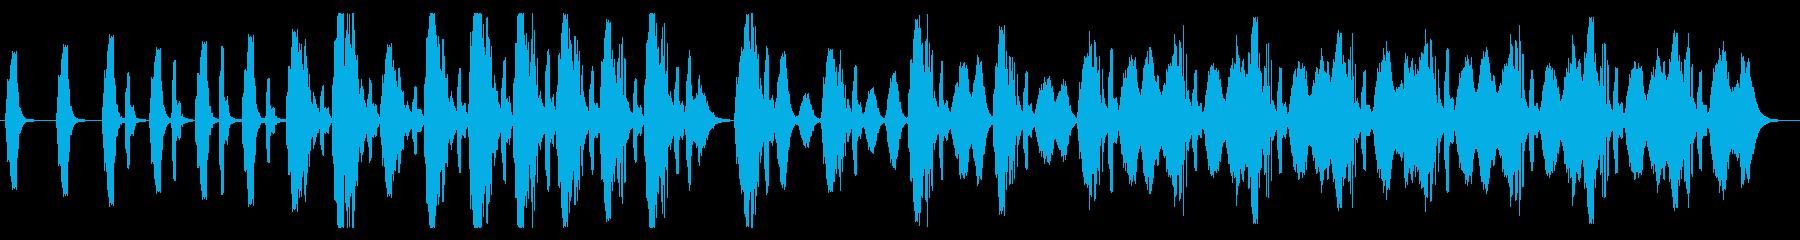 アナログっぽい複雑な警報(レトロSF)の再生済みの波形